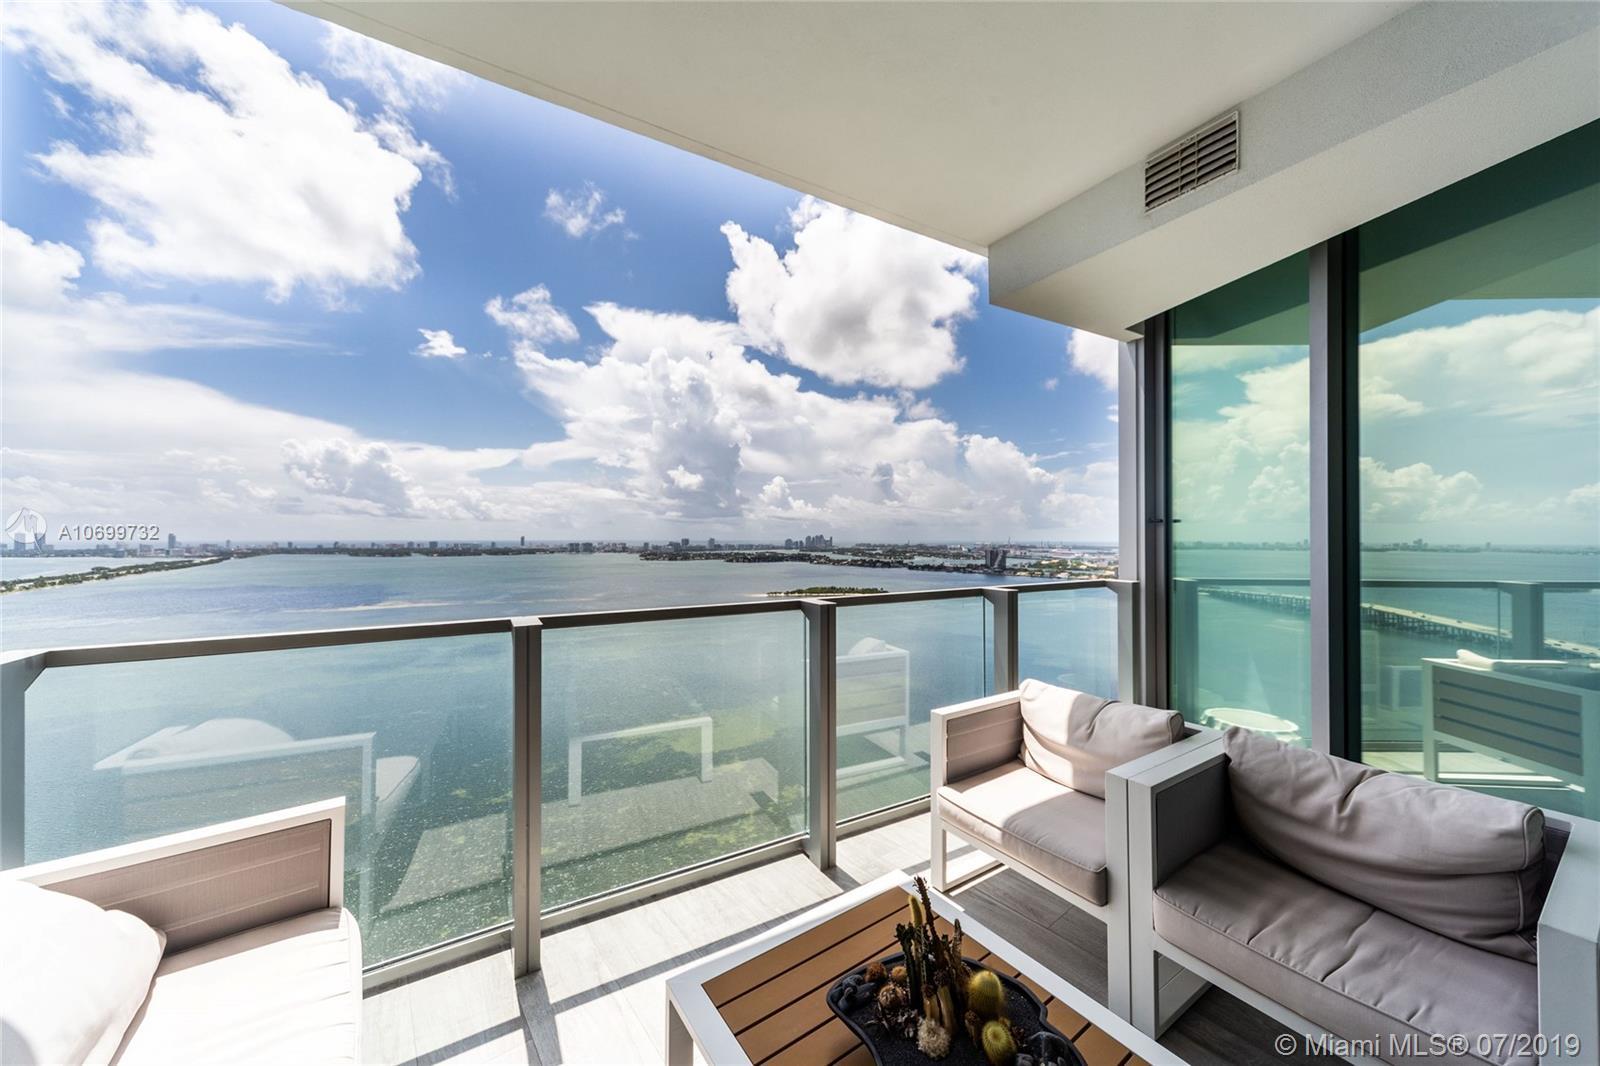 A Vendre : Appartement à Miami